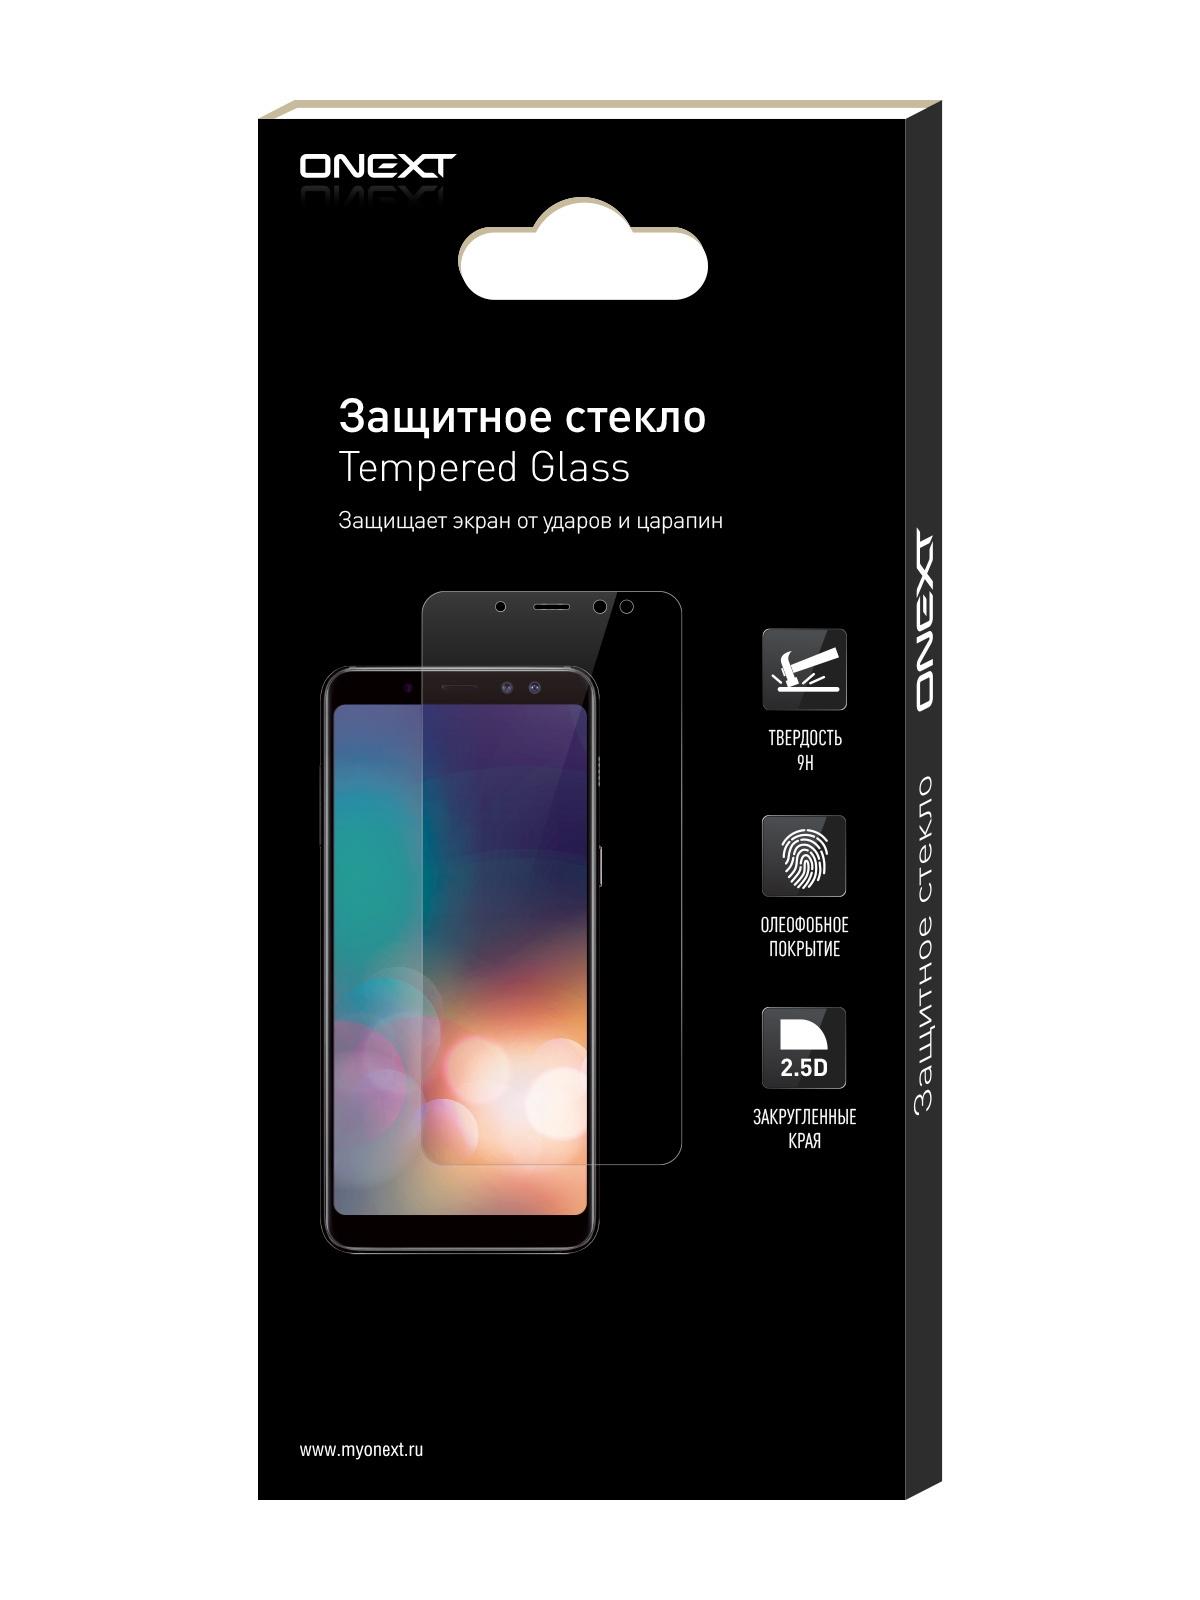 Защитное стекло ONEXT LG Q6 цена и фото